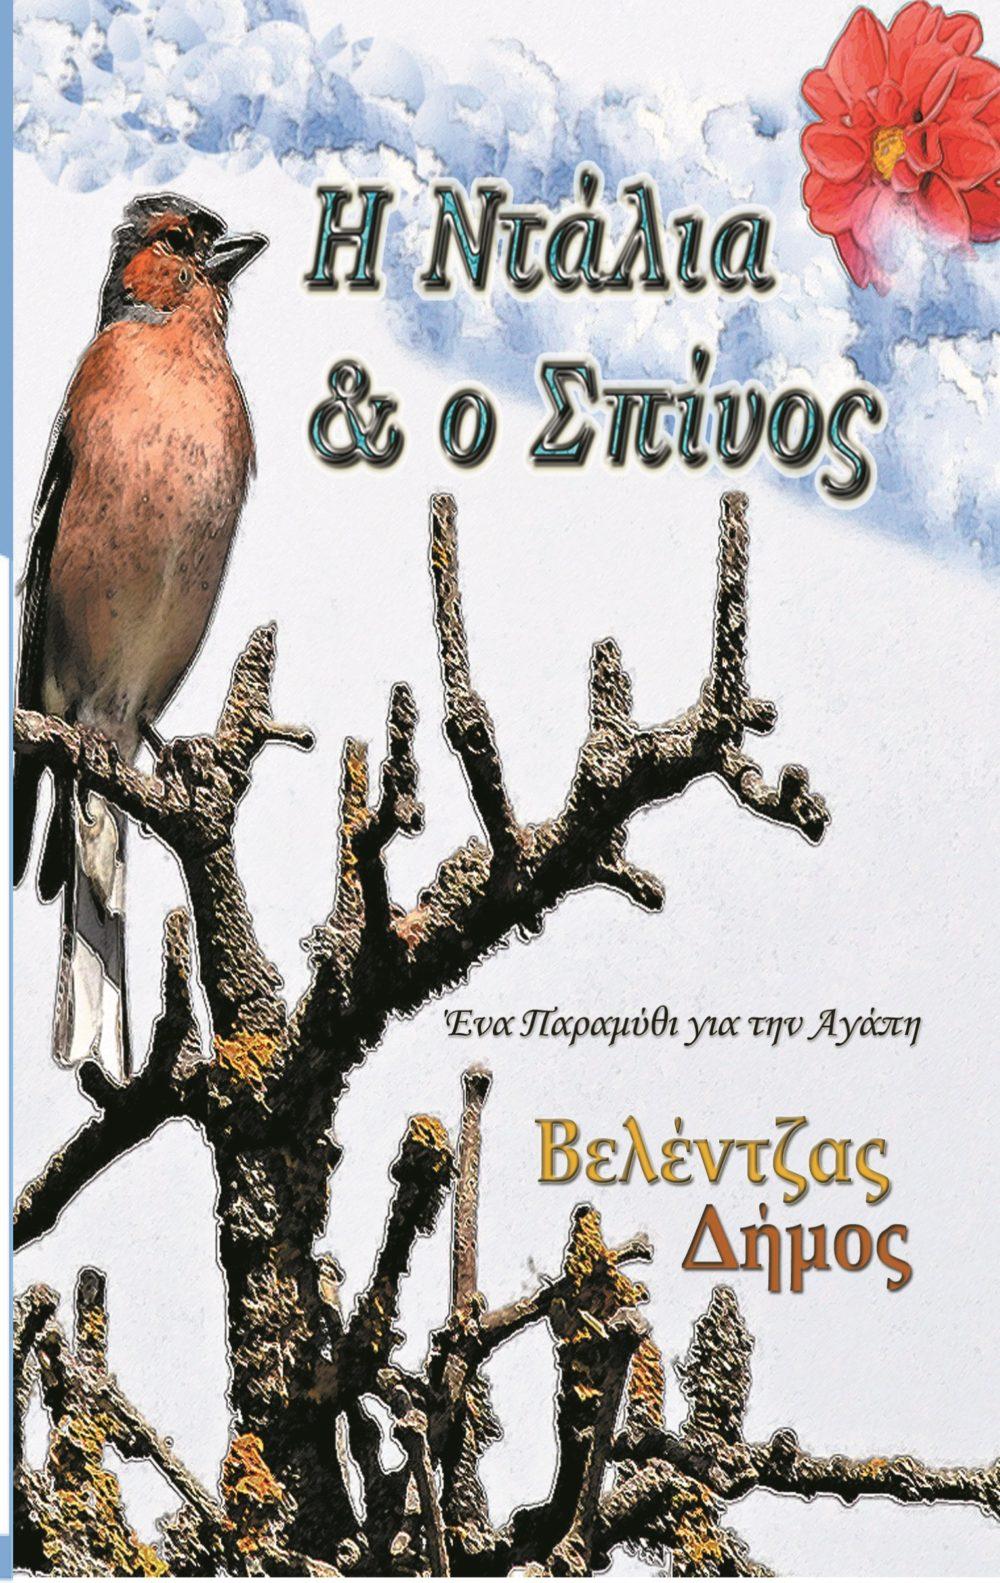 Η Ντάλια & ο Σπίνος – Δήμος Βελέντζας